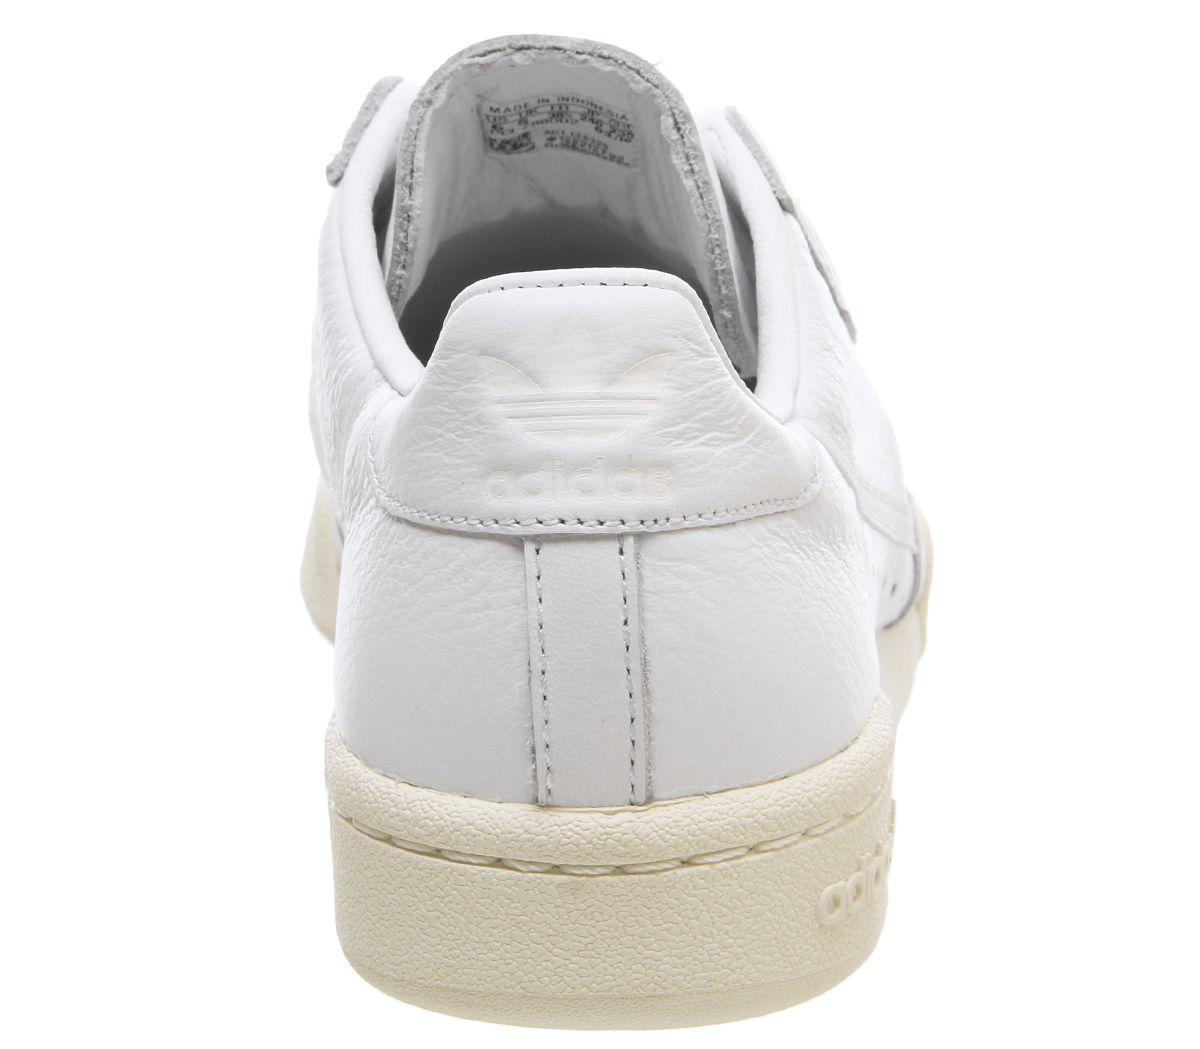 Details zu Adidas Continental 80S Turnschuhe Weiß über Weiß Turnschuhe